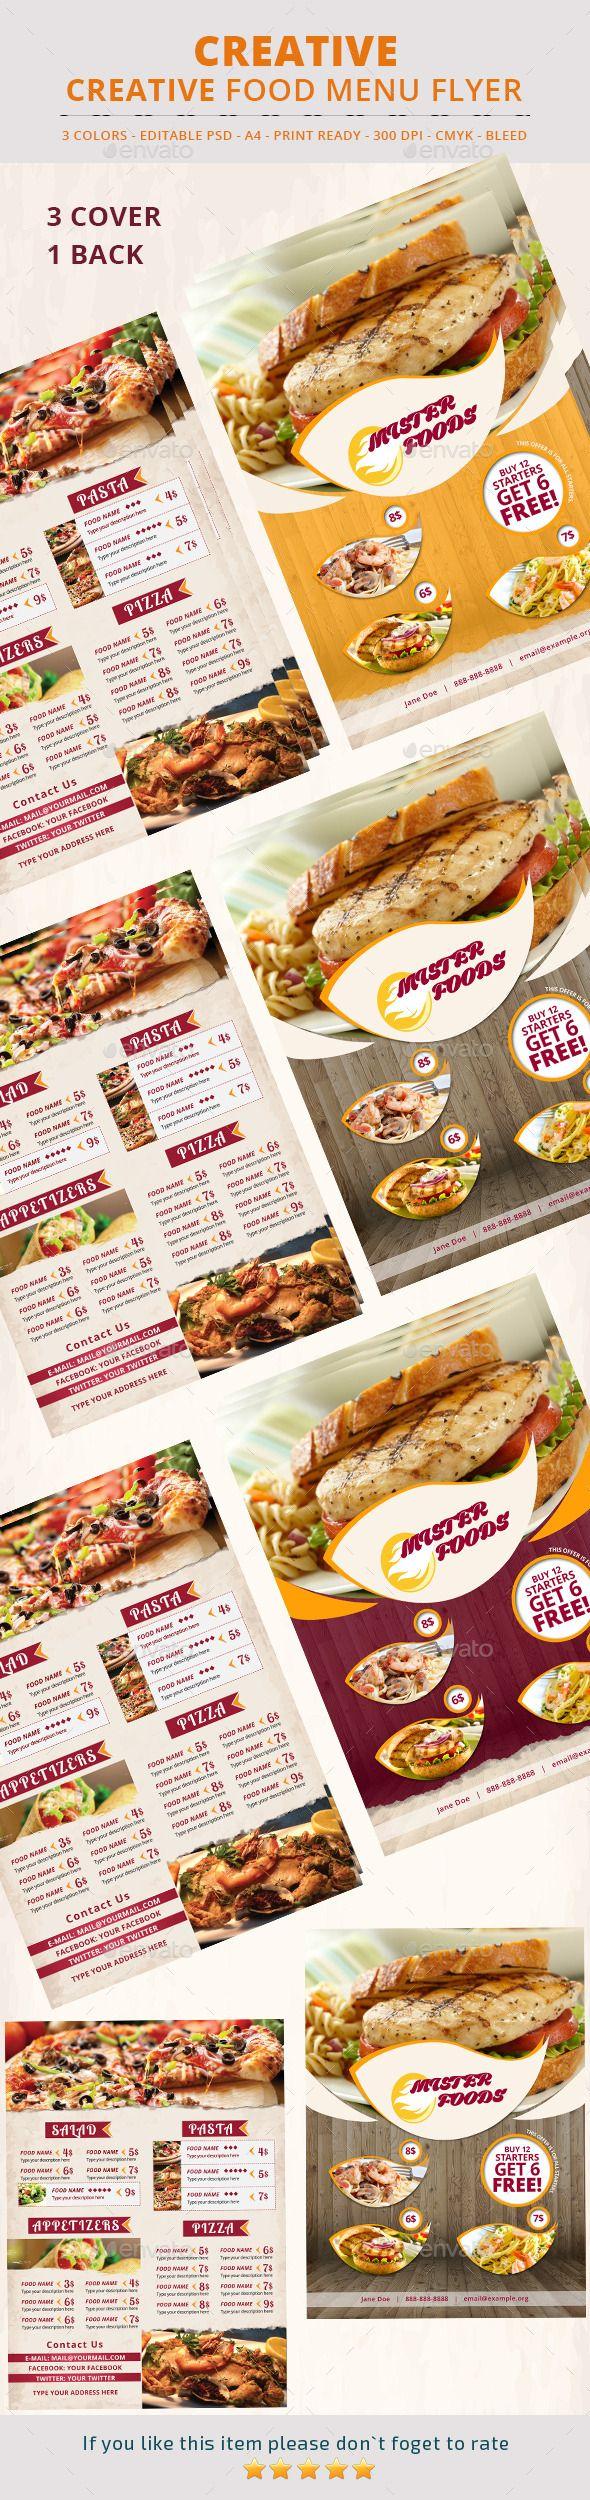 White apron menu warrington - Food Menu Flyer